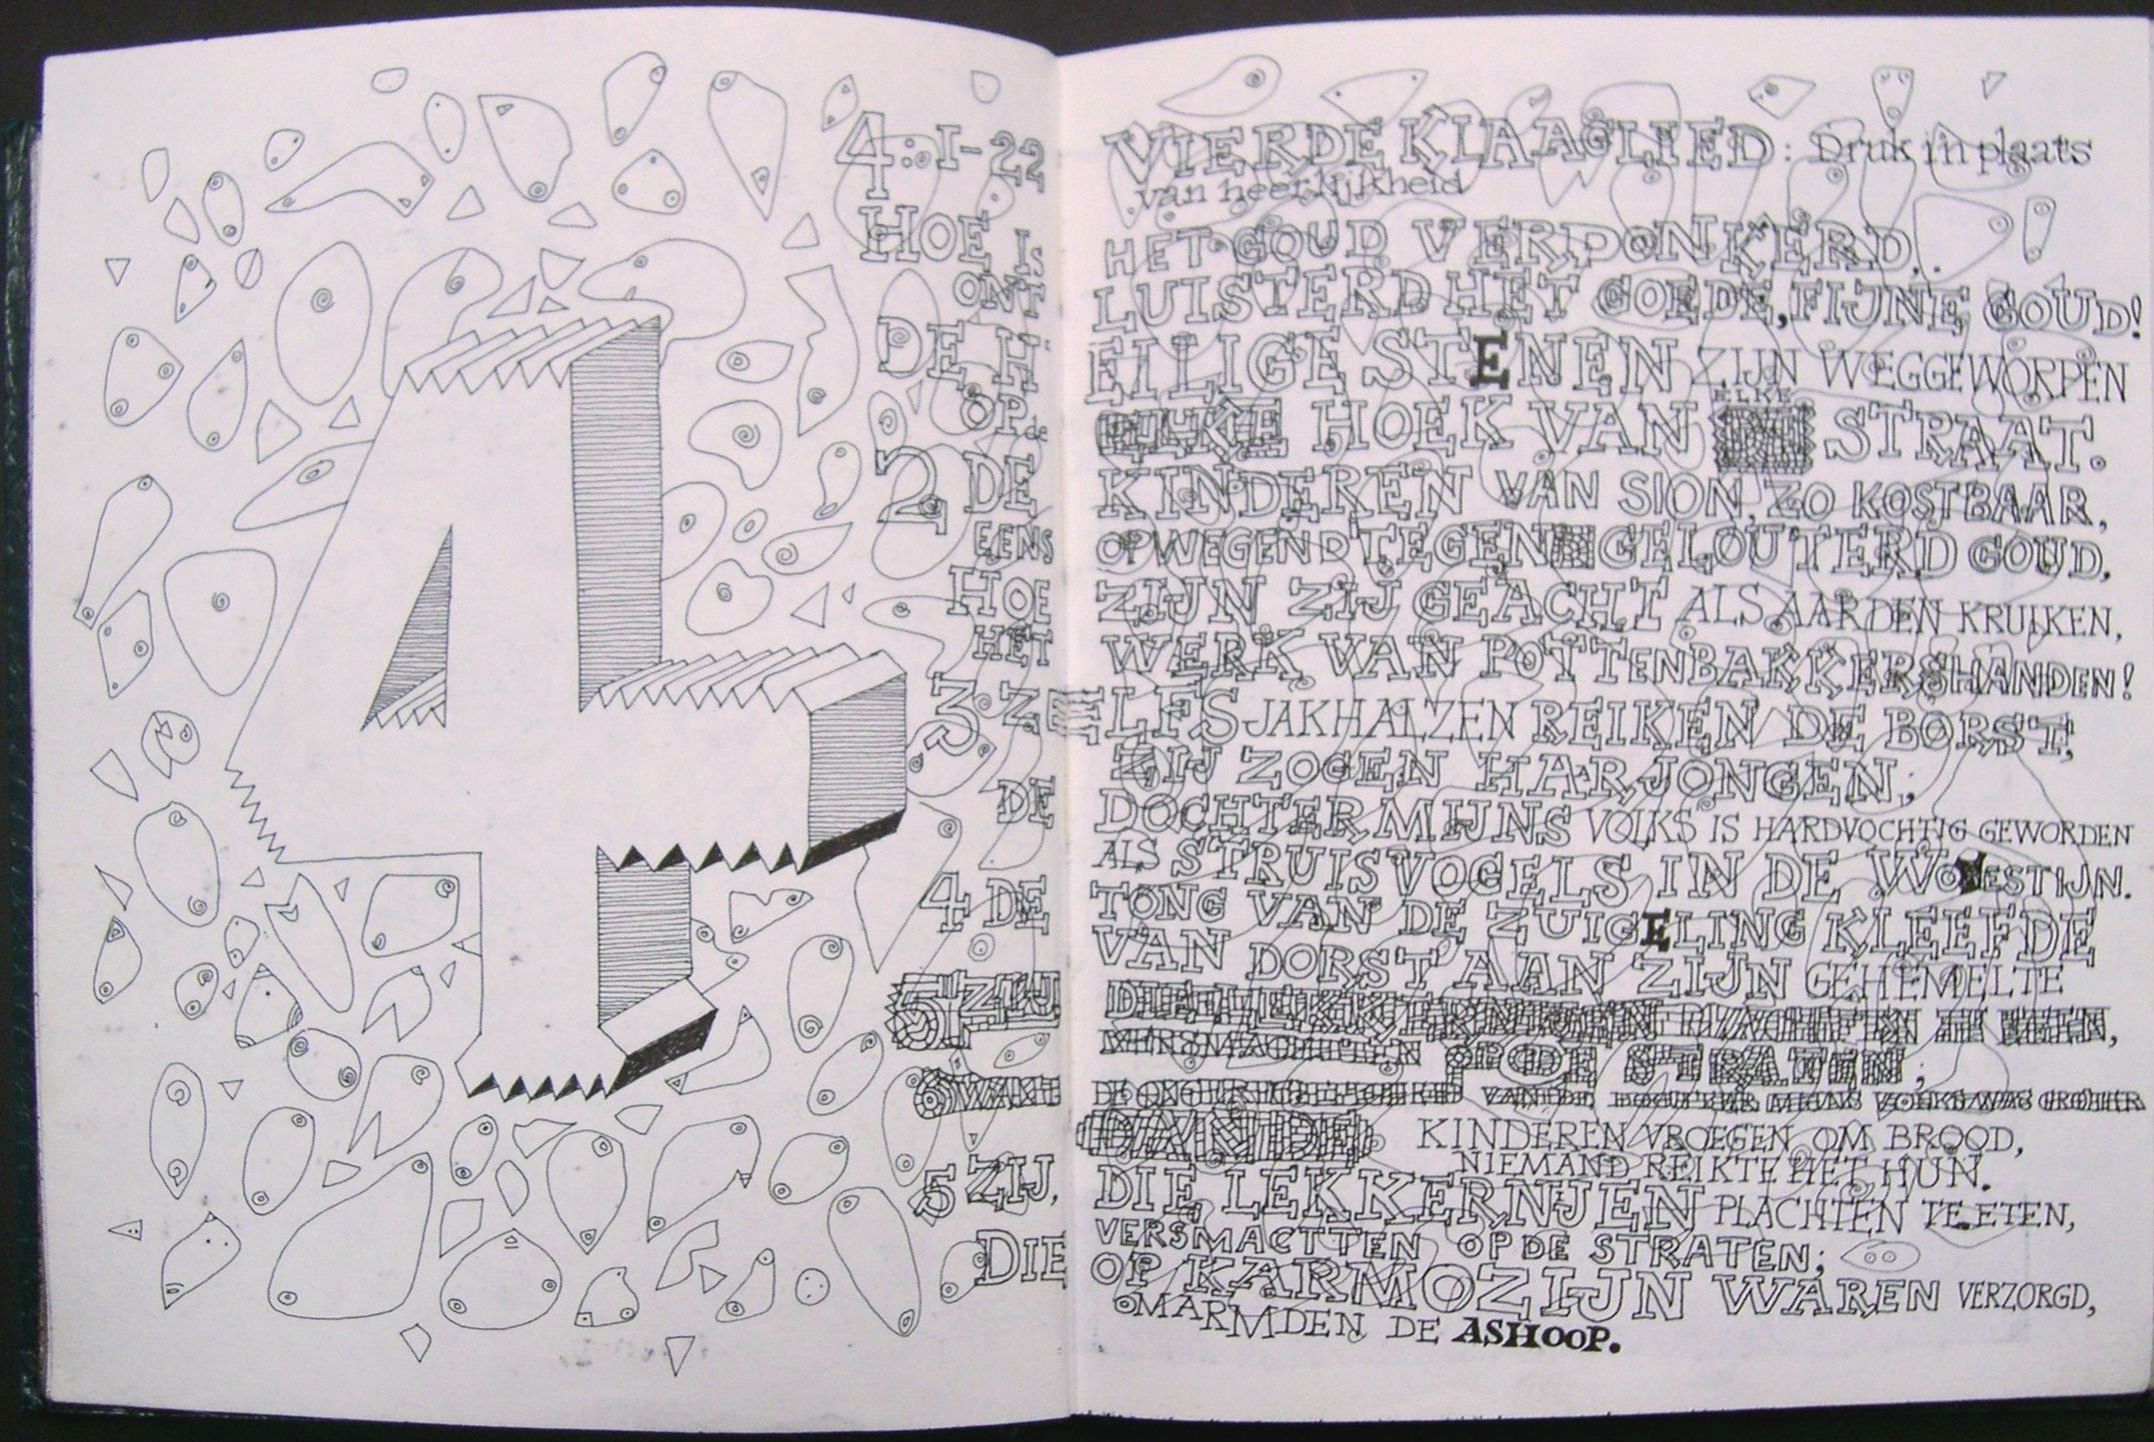 Klaagliederen hoofdstuk 4 (32x20, uit collectie)